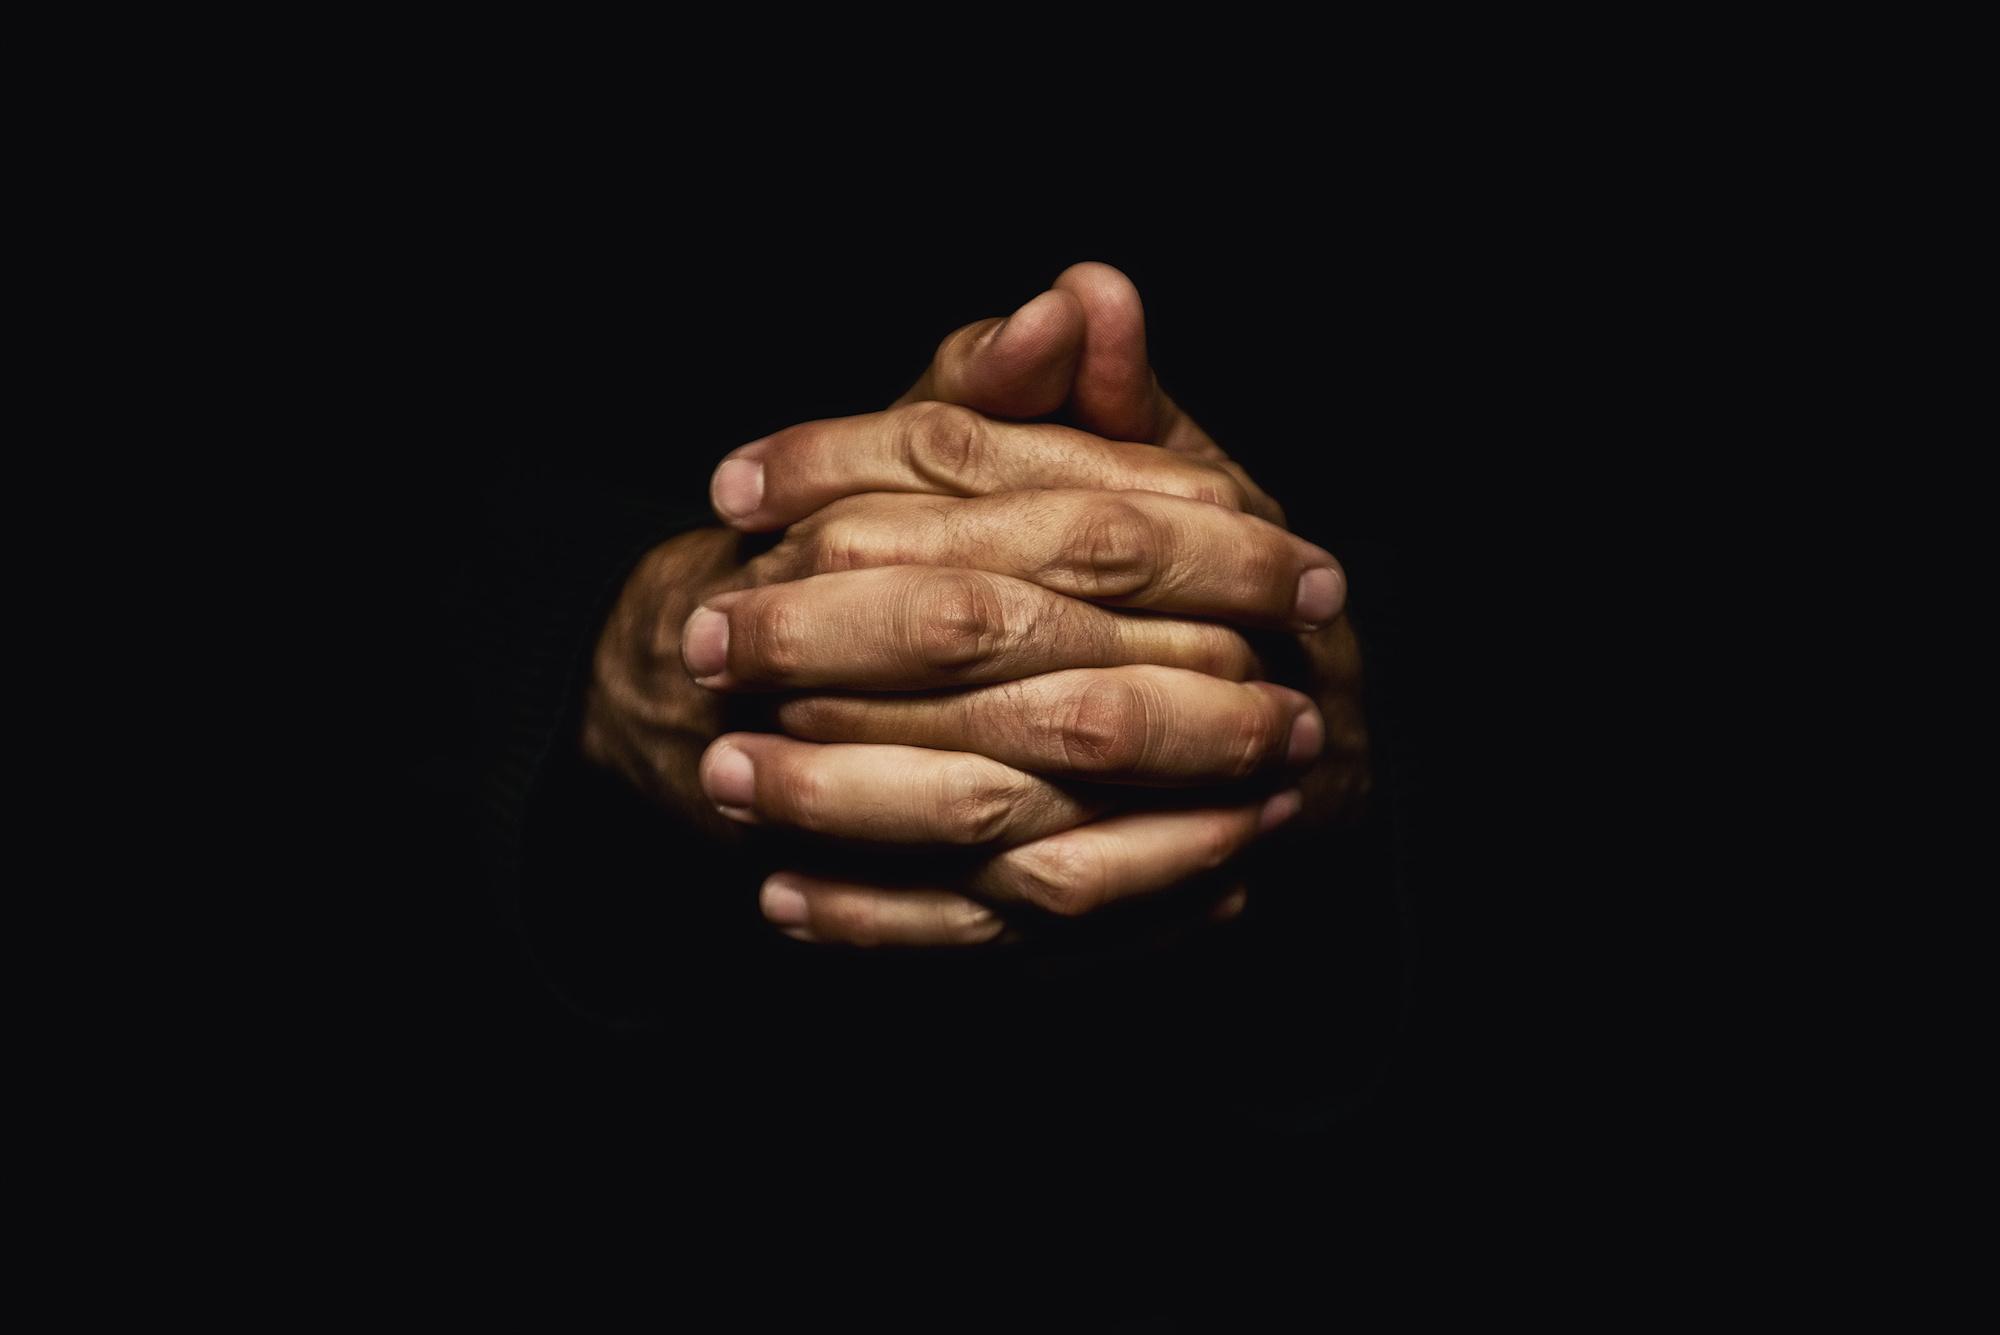 руки в замок фото функцией